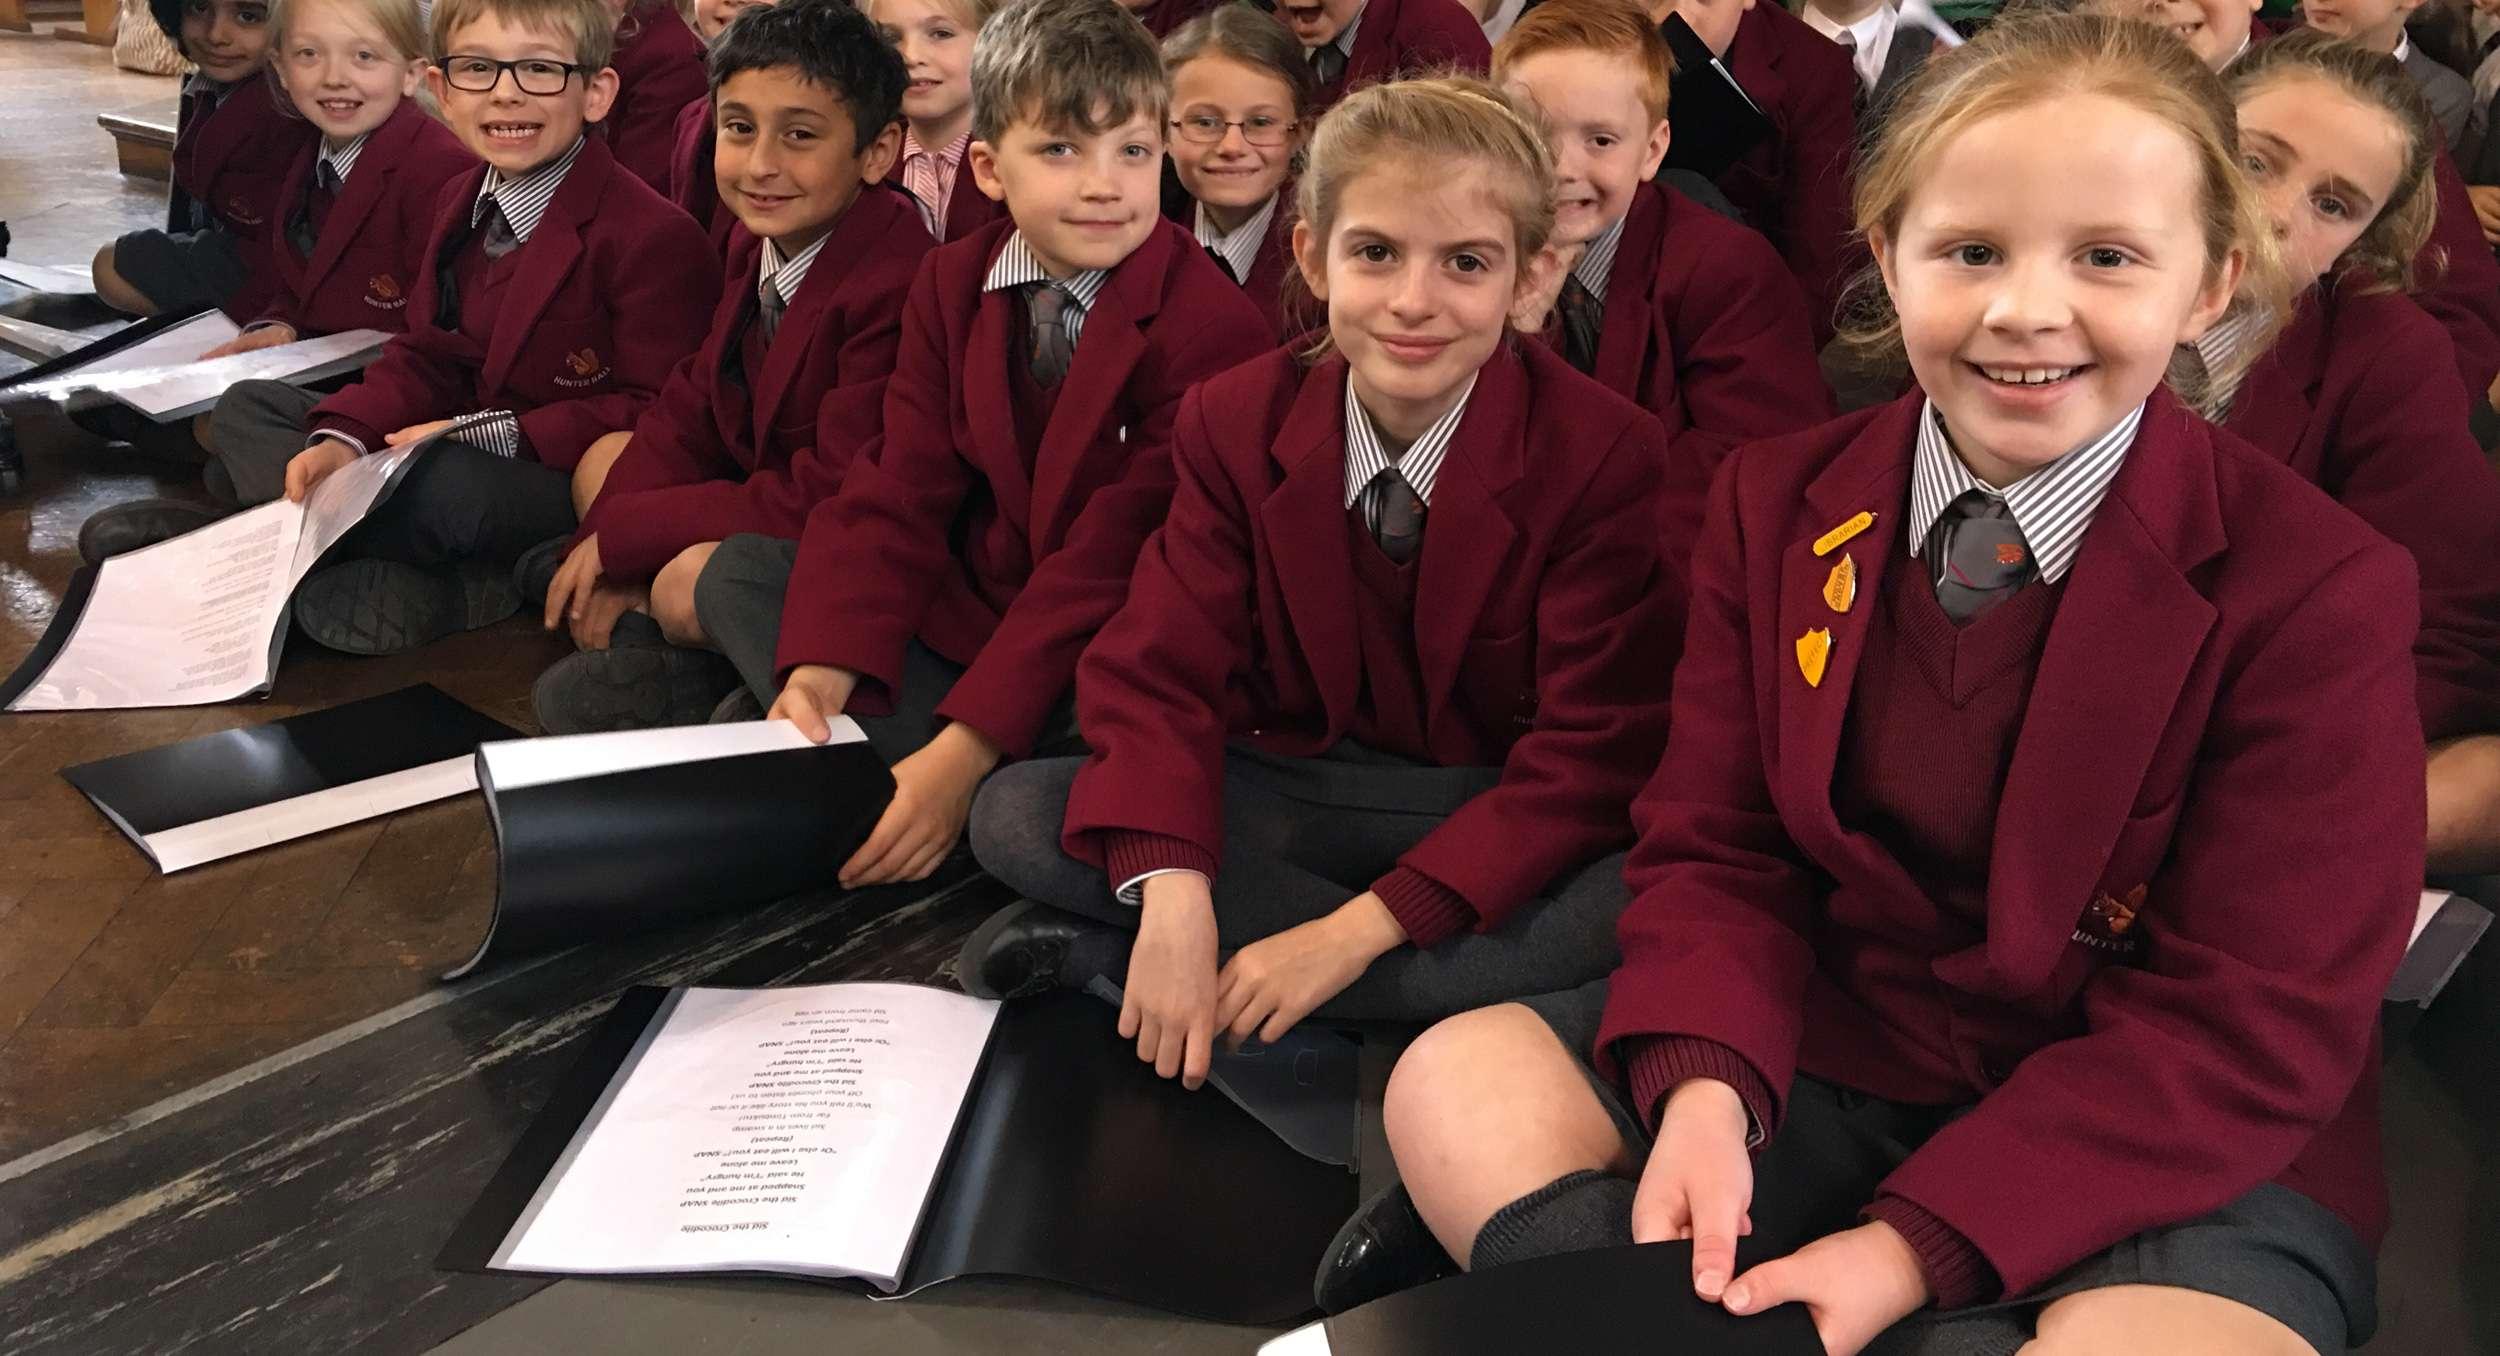 Hunter Hall School pupils in uniform